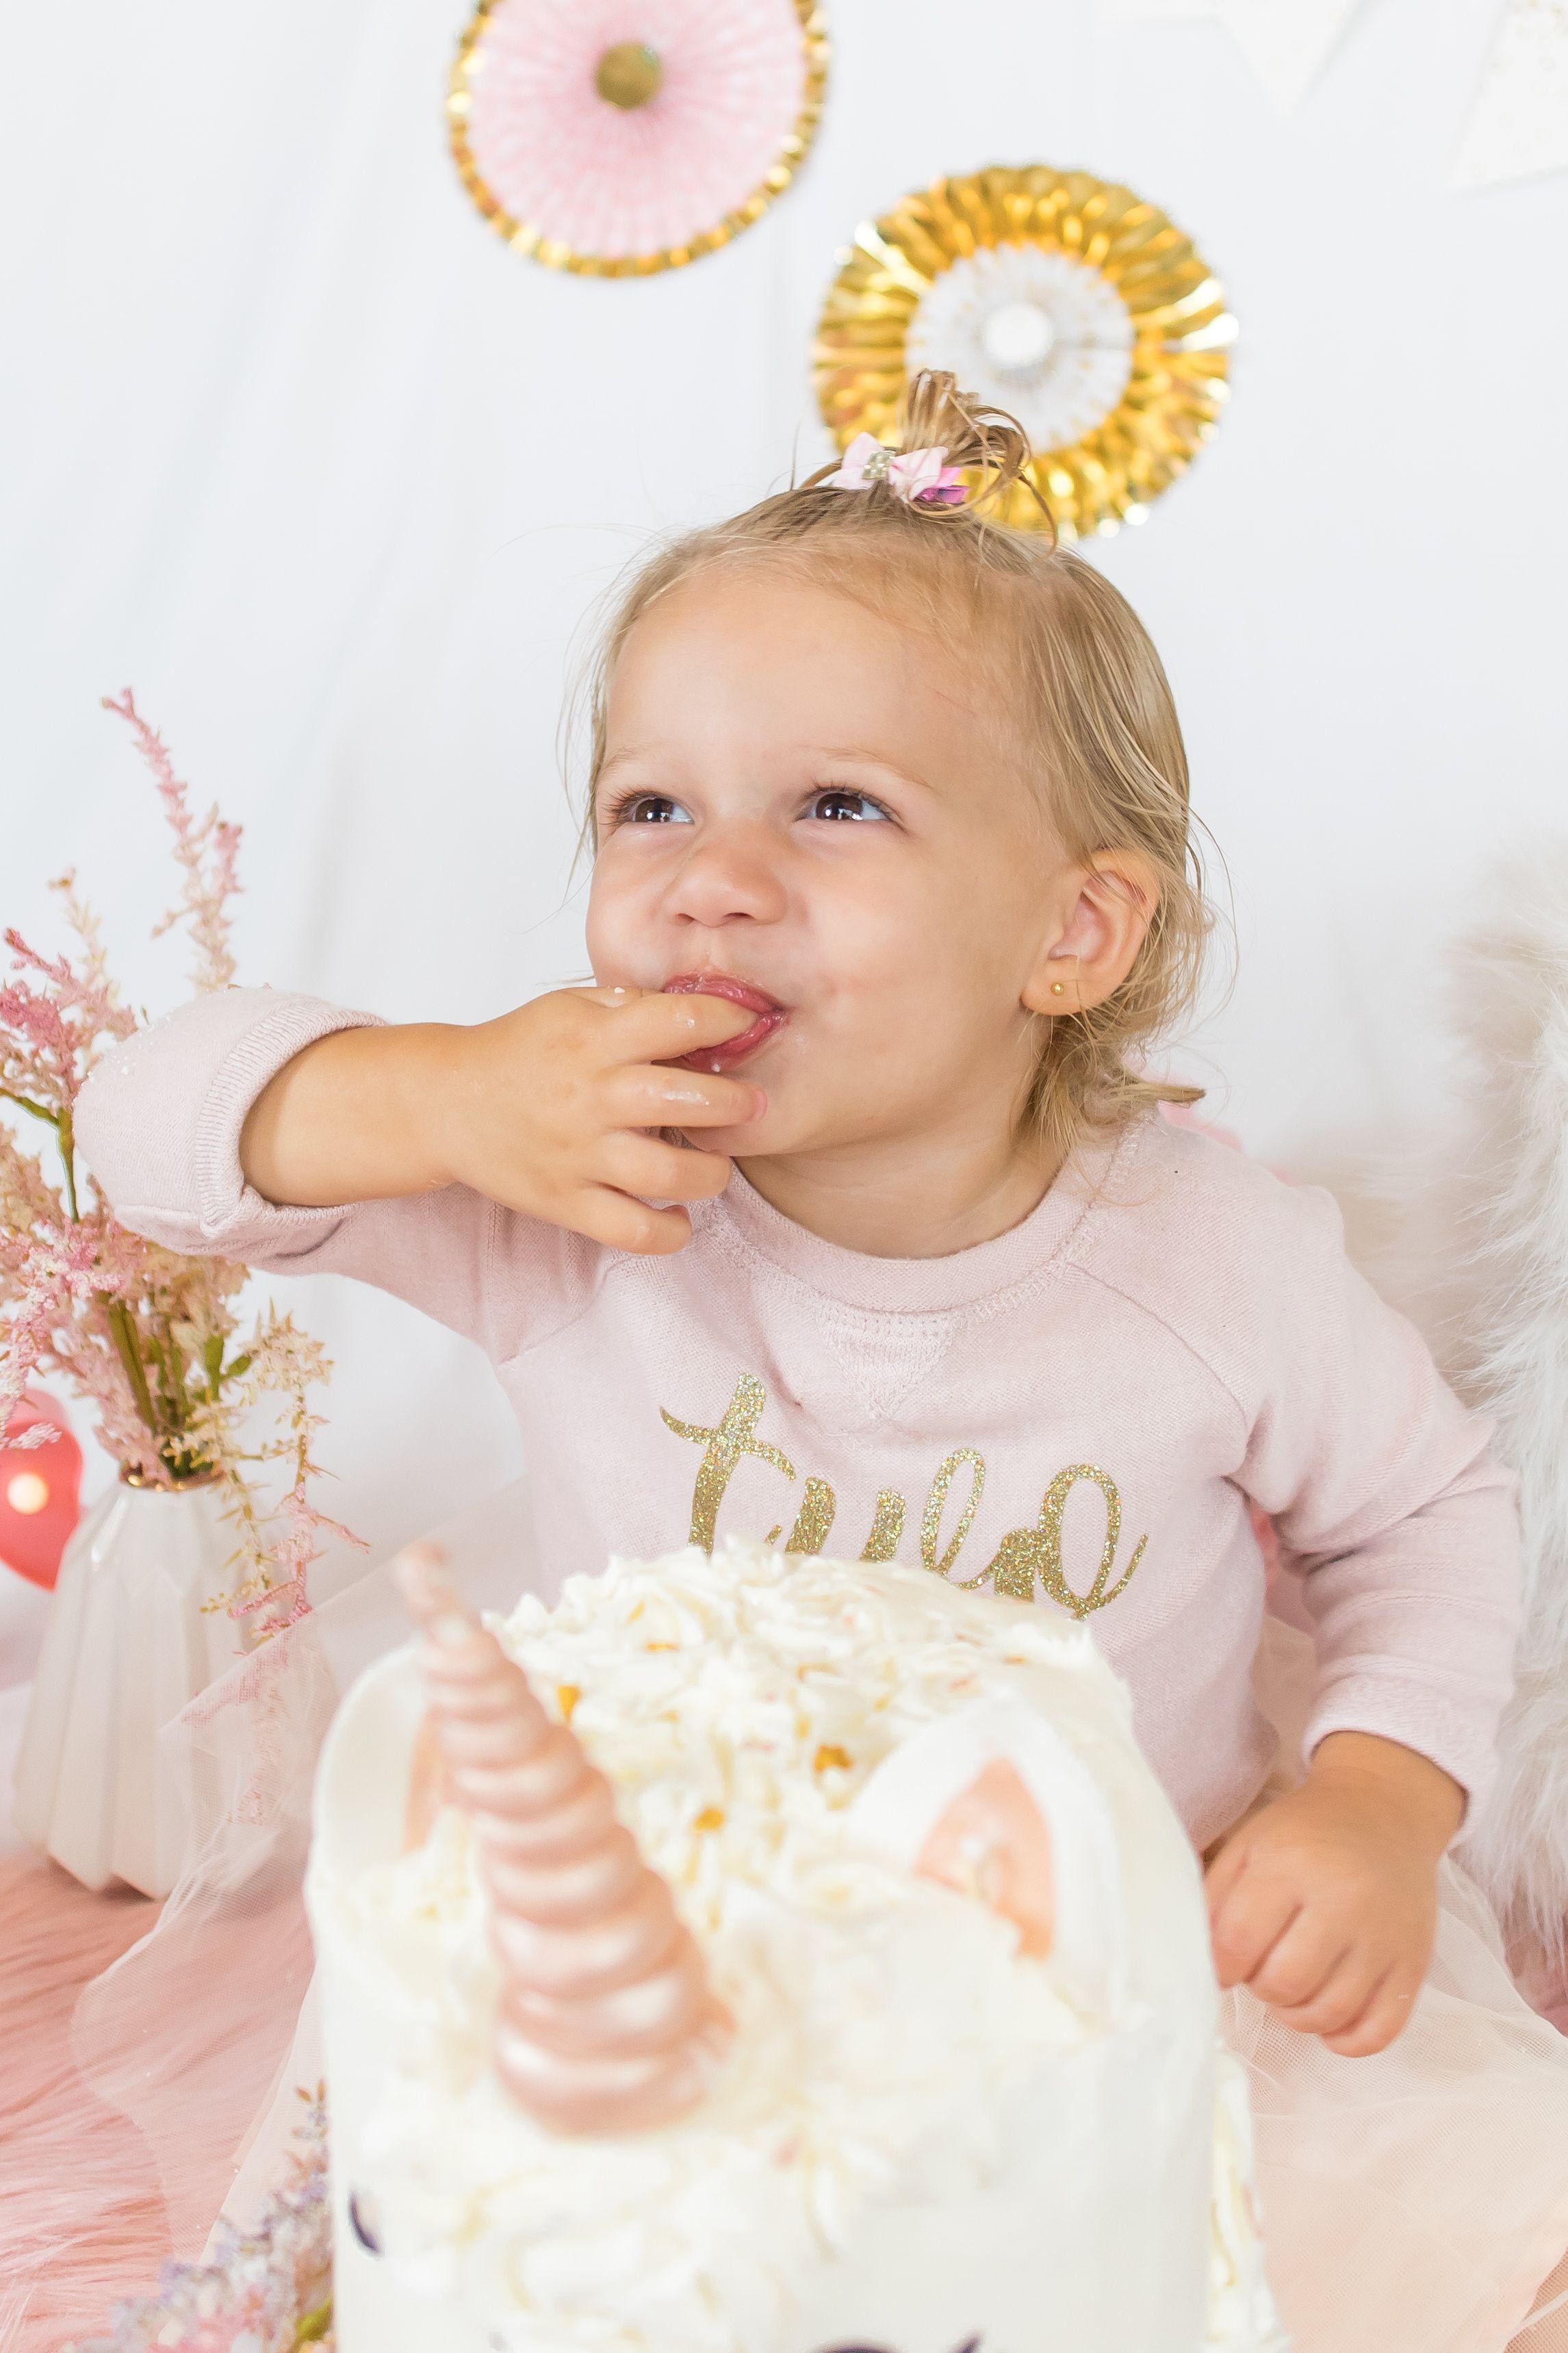 Unicorn Cake Smash Session